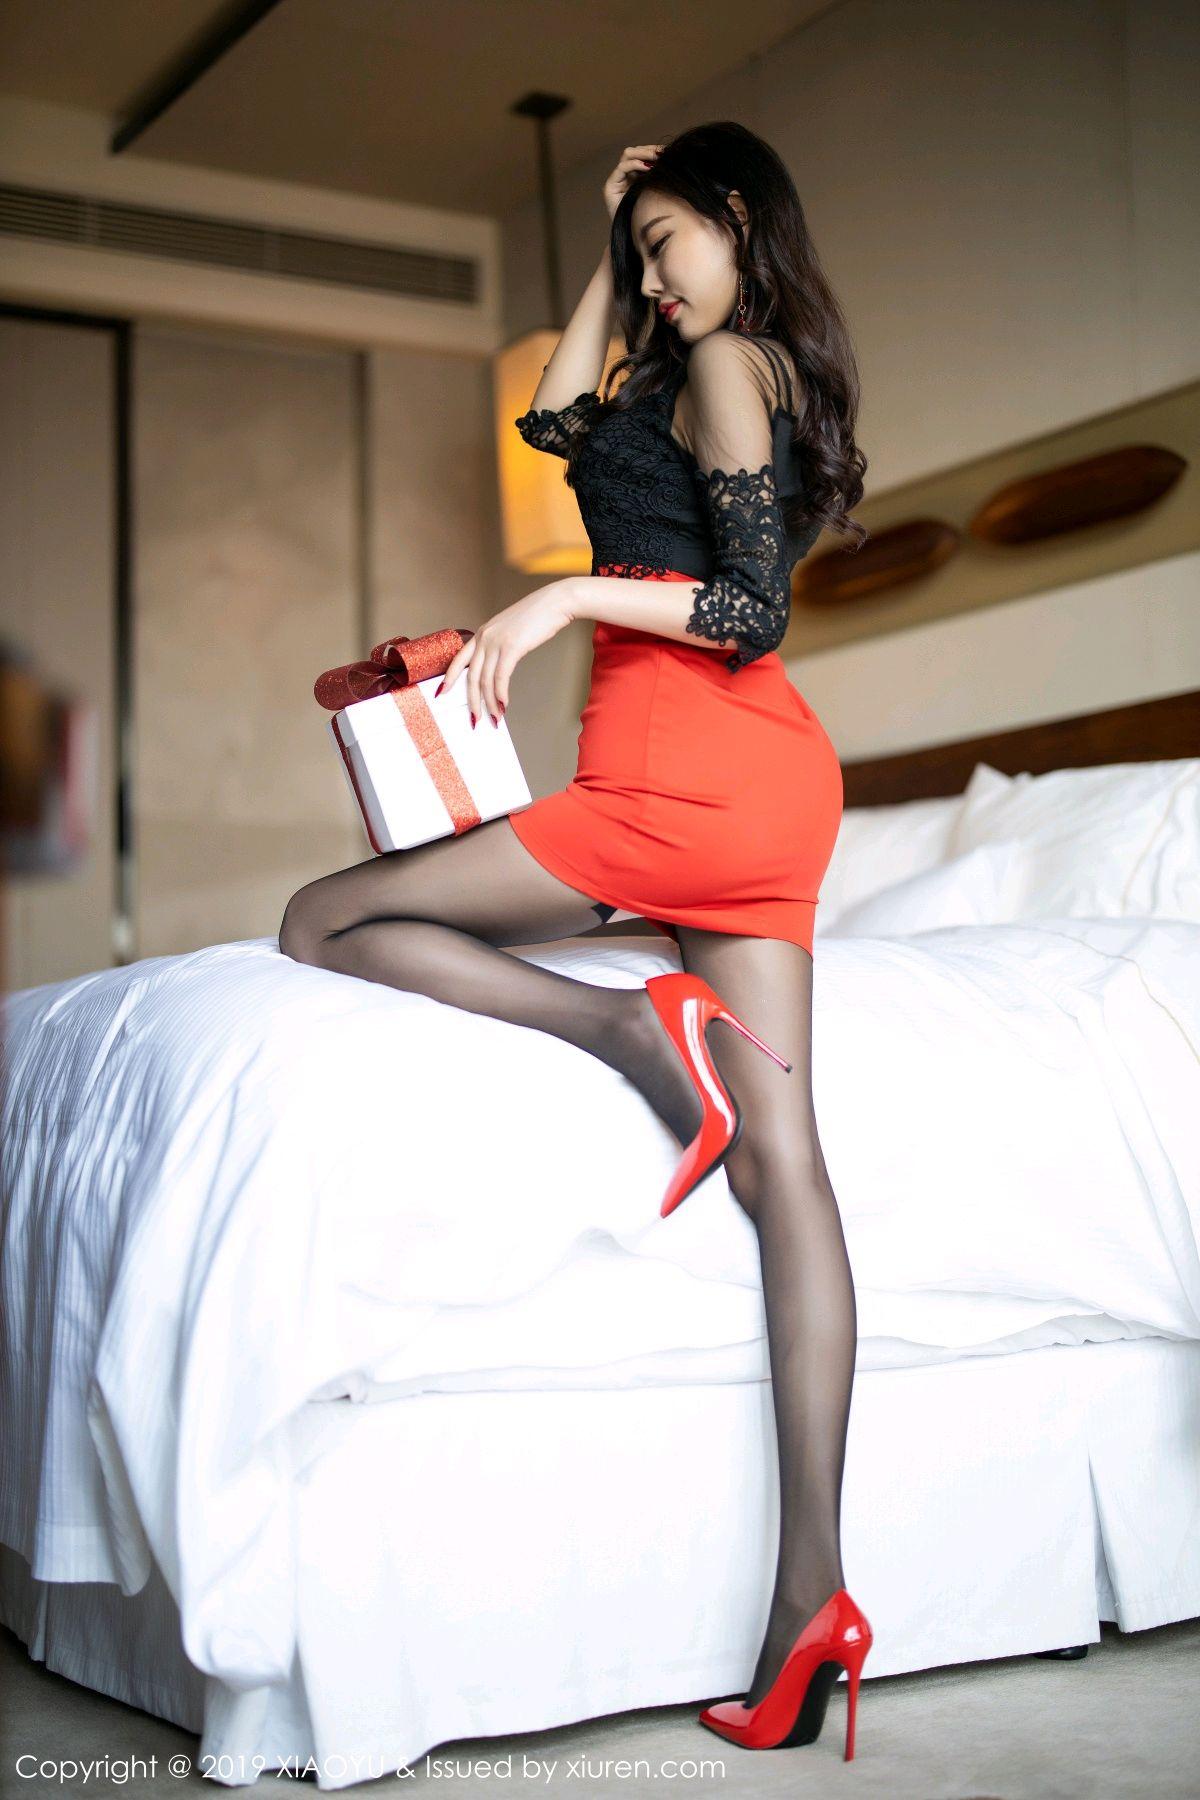 [XiaoYu] Vol.225 Yang Chen Chen 37P, Christmas, Underwear, XiaoYu, Yang Chen Chen